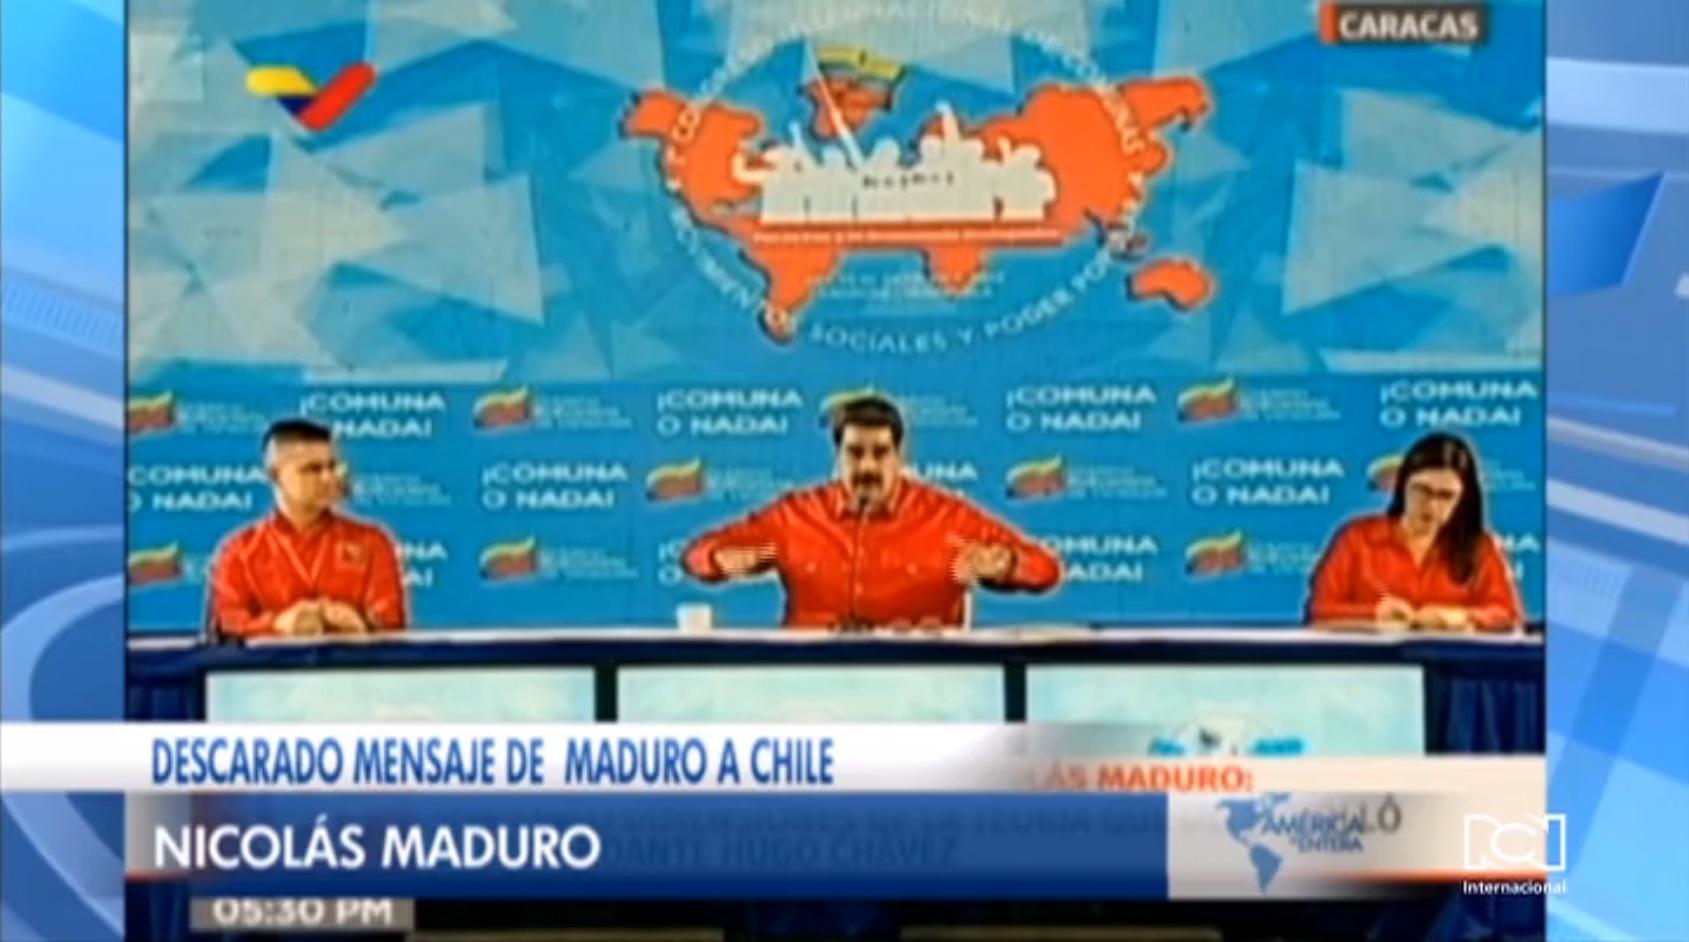 Nicolás Maduro alienta las protestas en Chile y dice que son consecuencia de la dictadura pinochetista